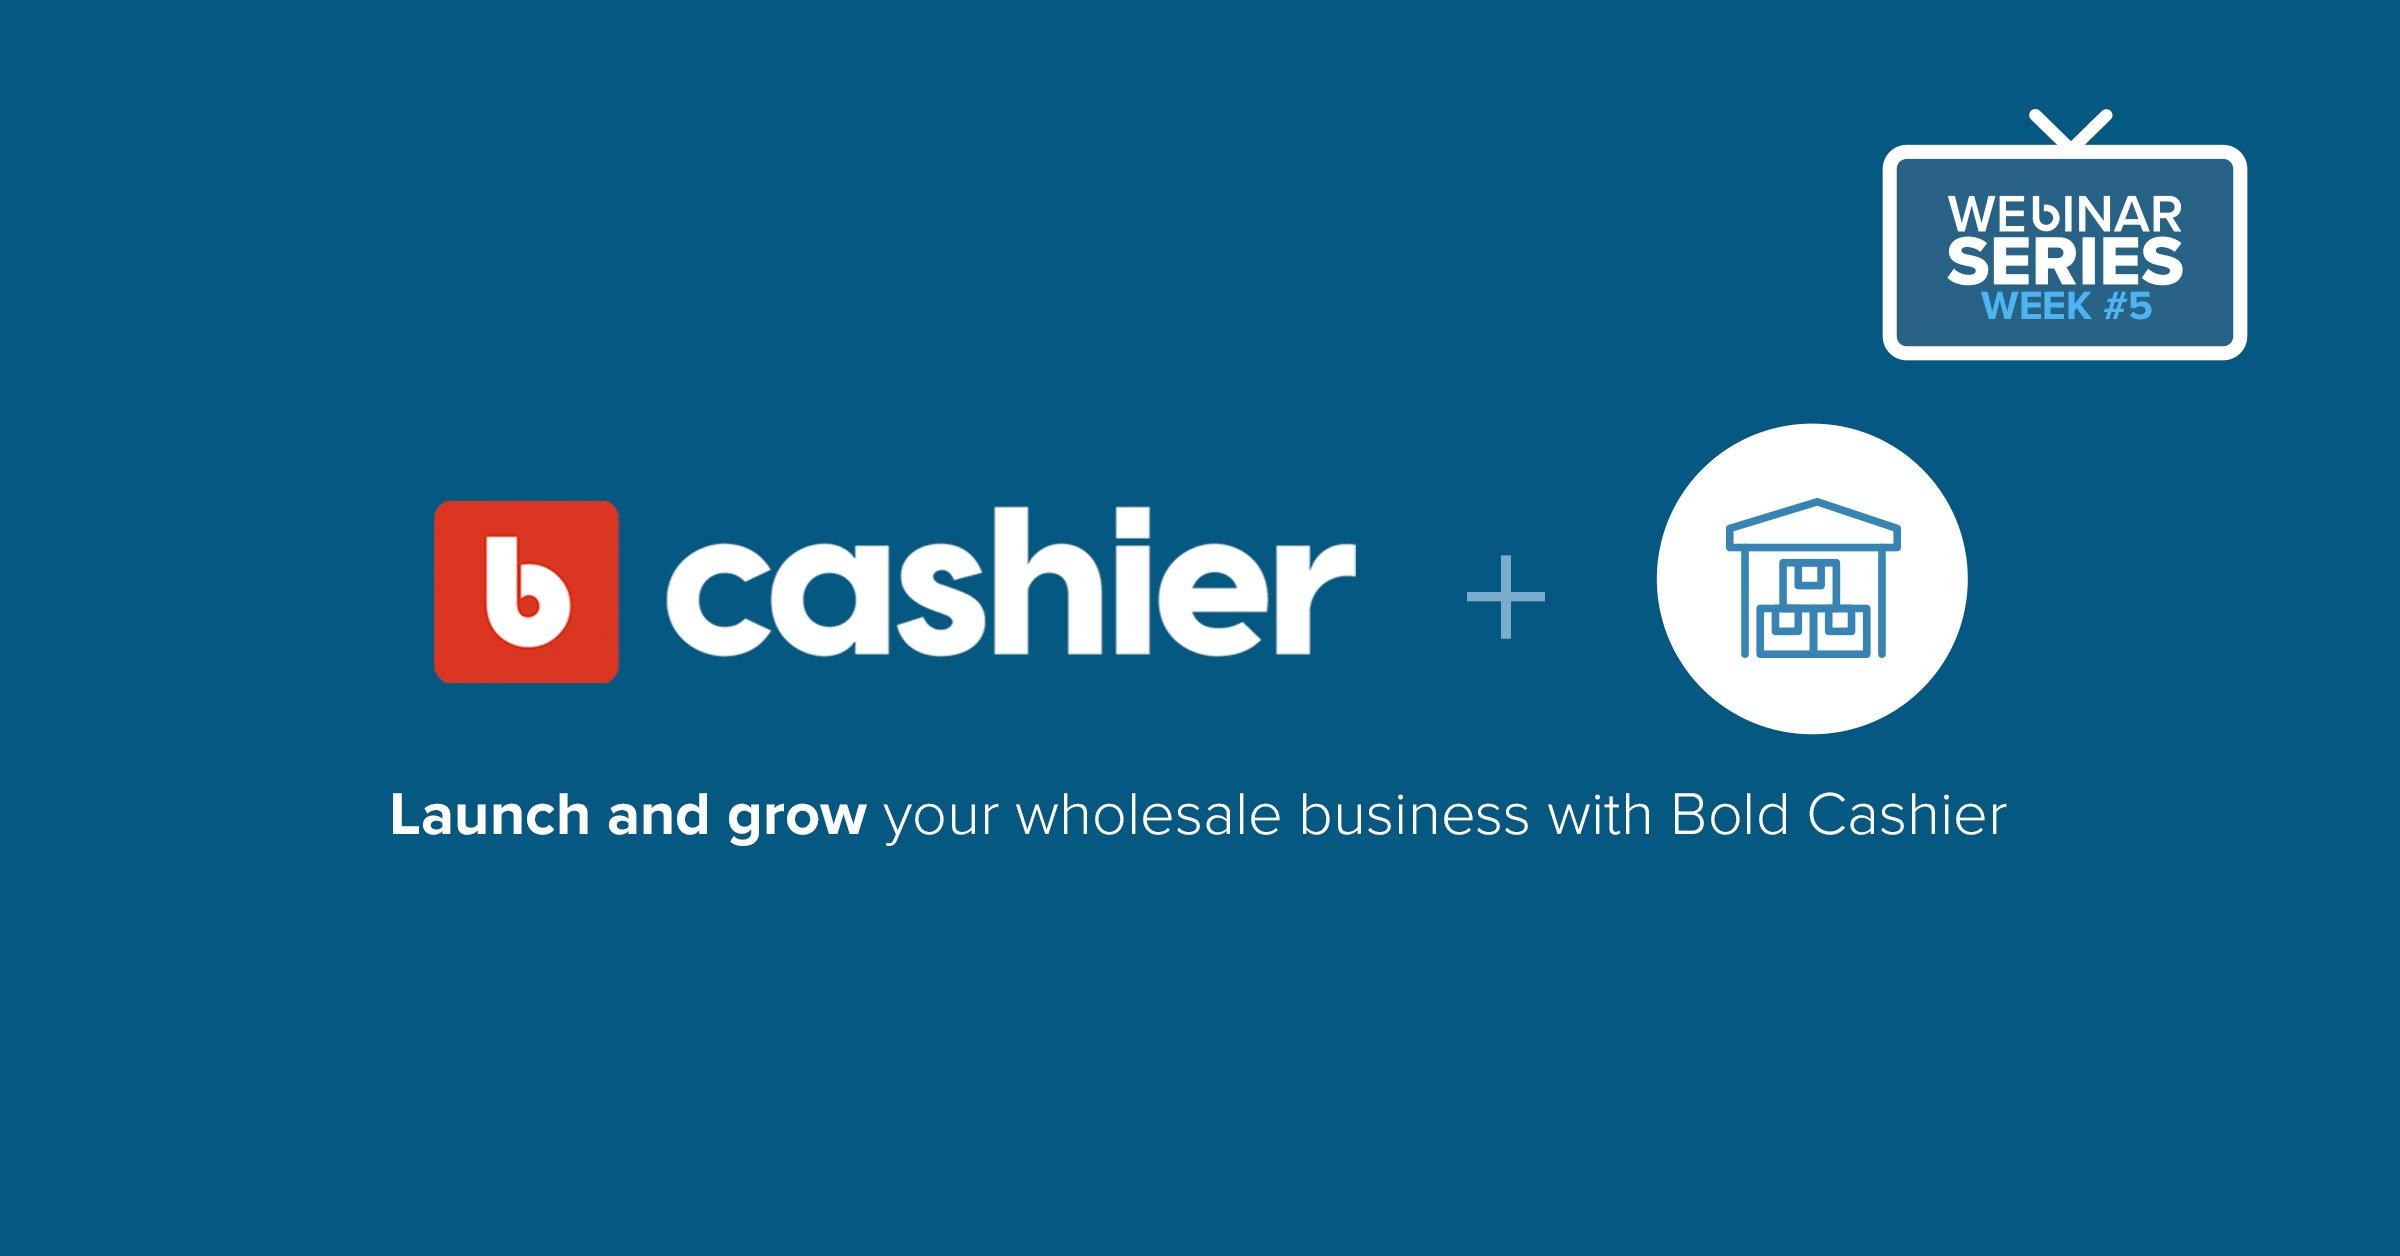 cashier-net-terms-wholesale